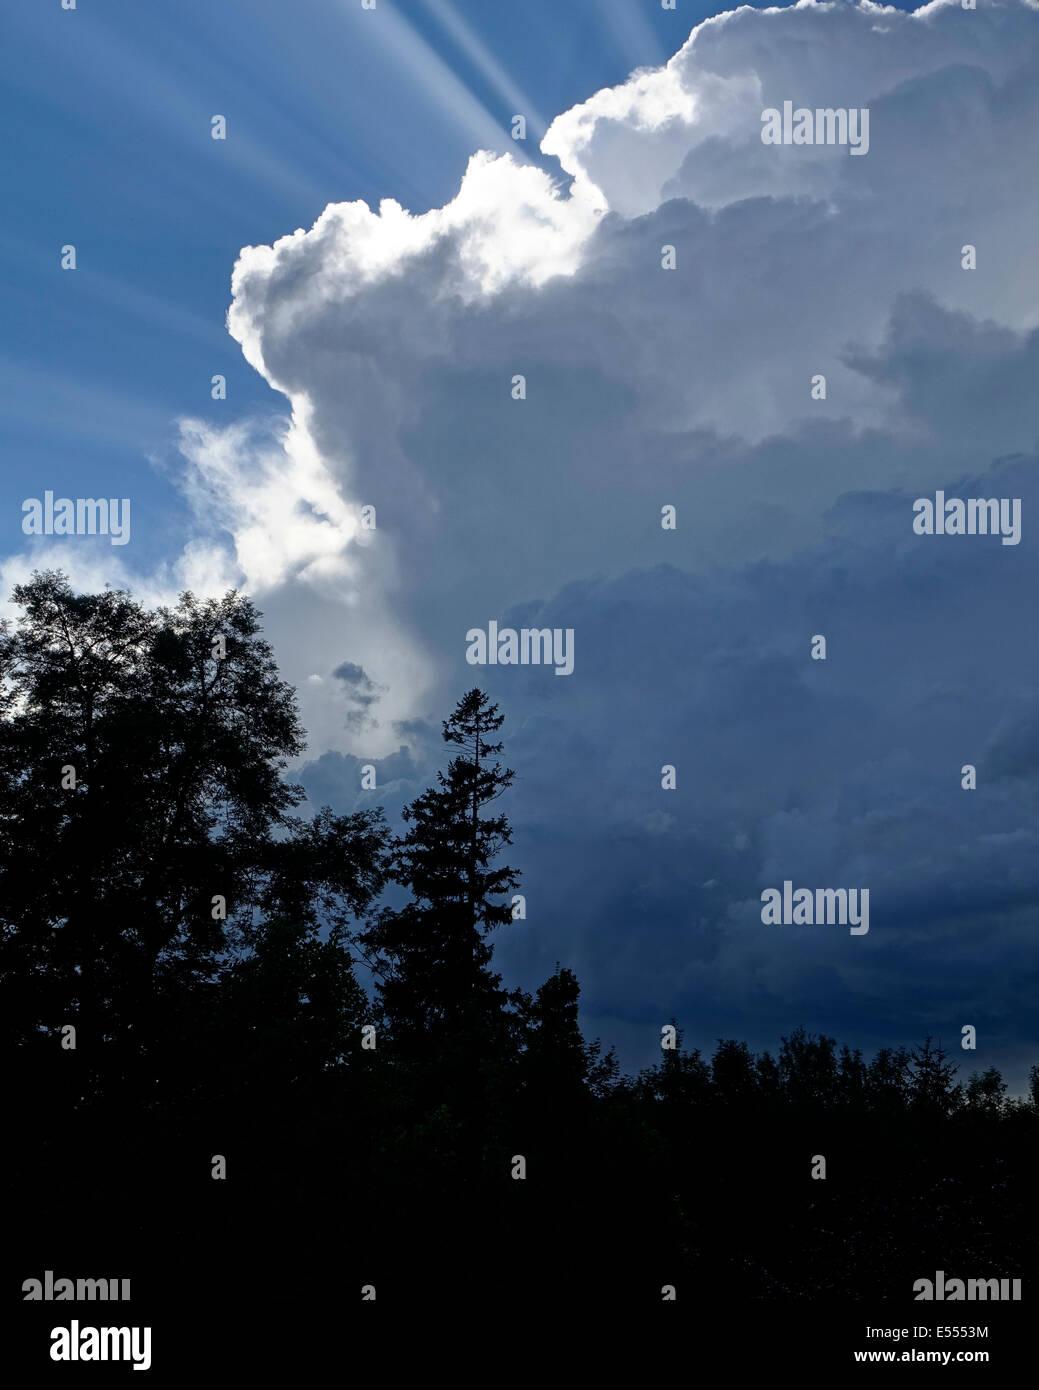 Naturaleza: la tormenta se aproxima Imagen De Stock